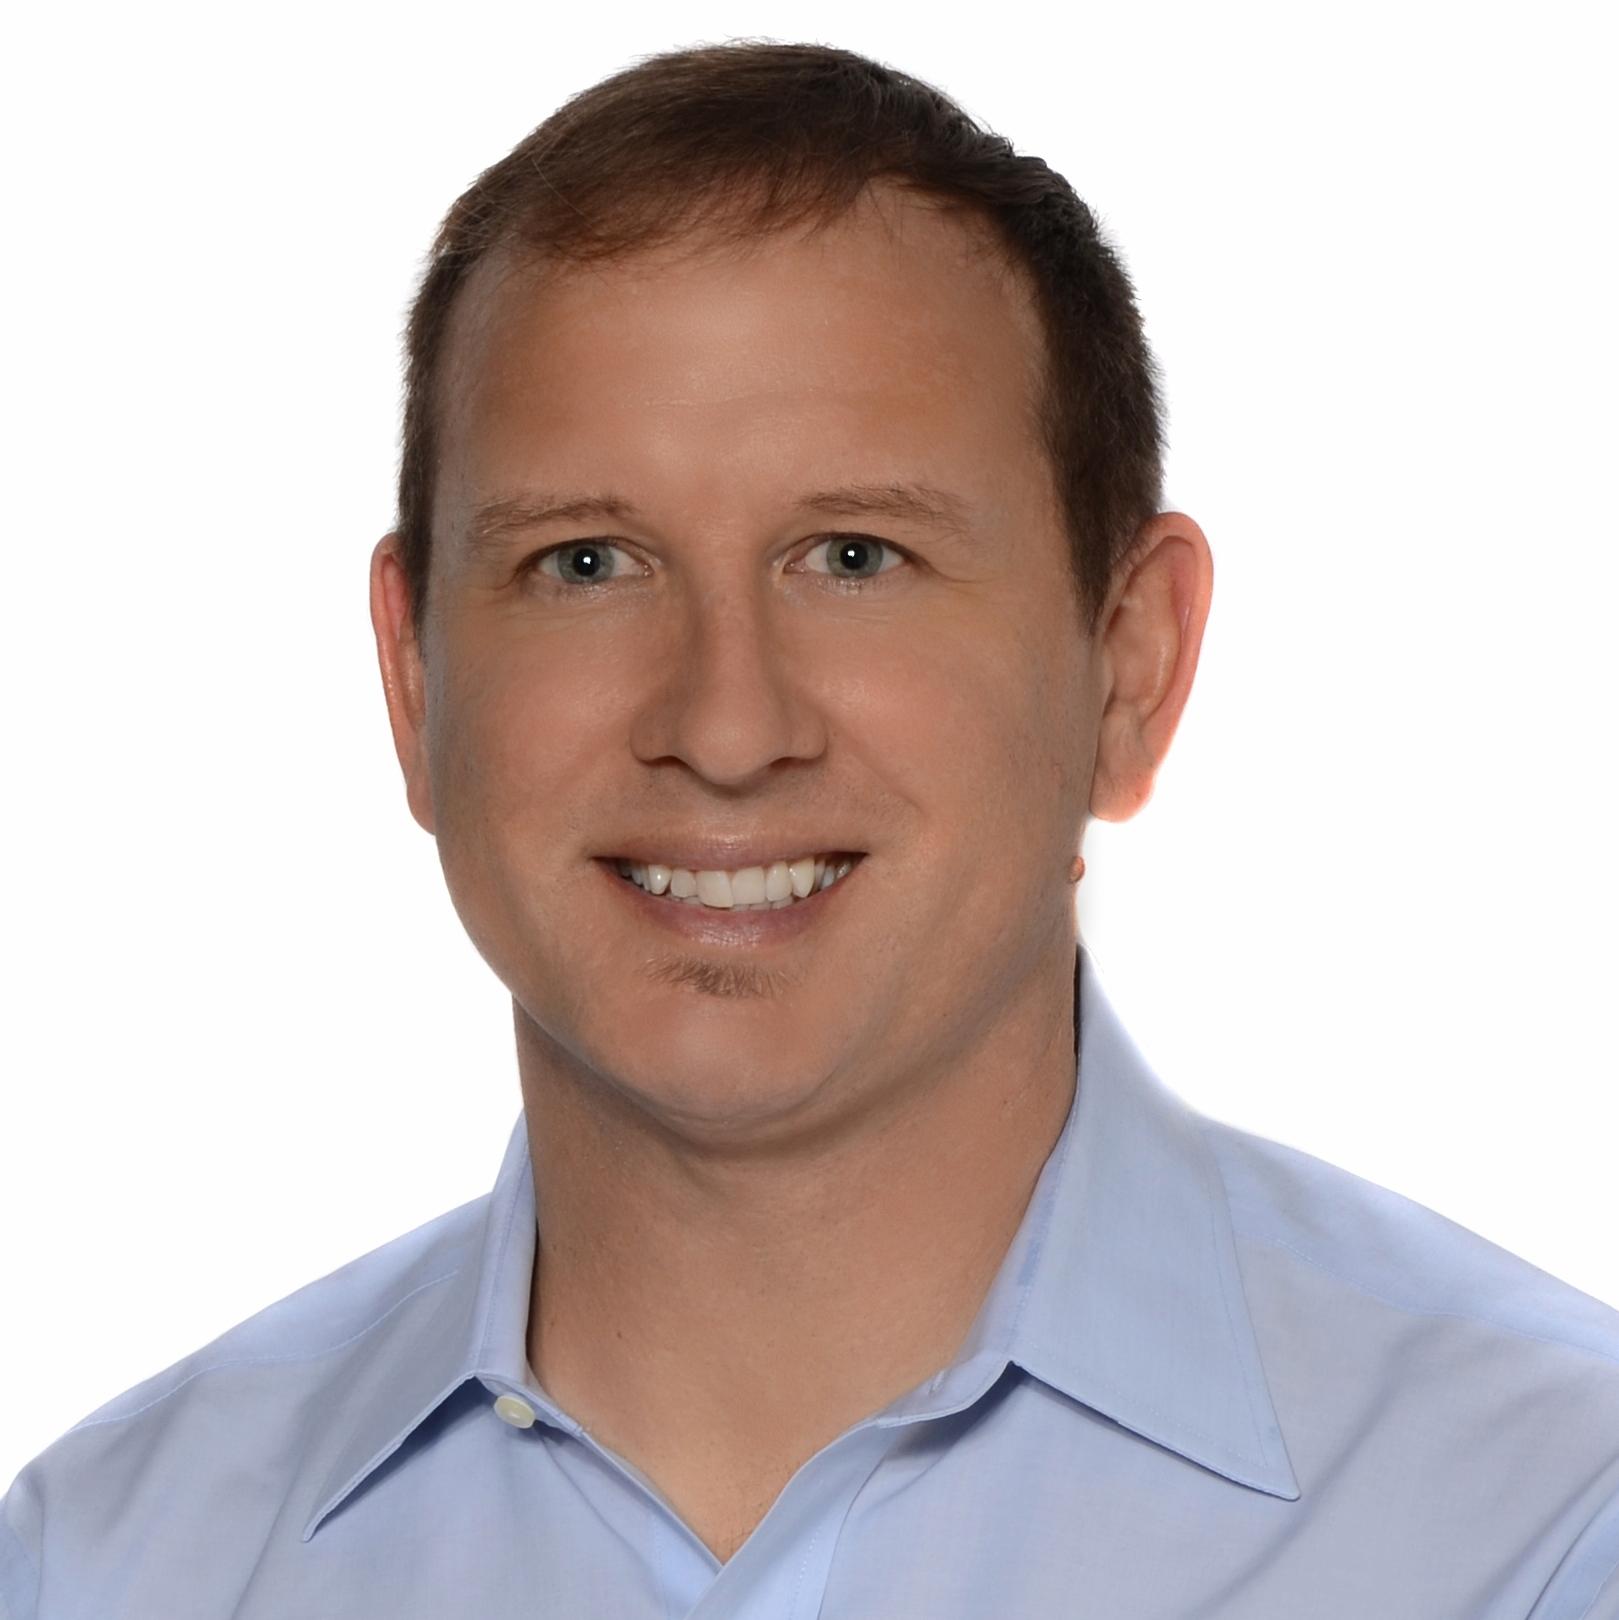 Chris Czerwonka